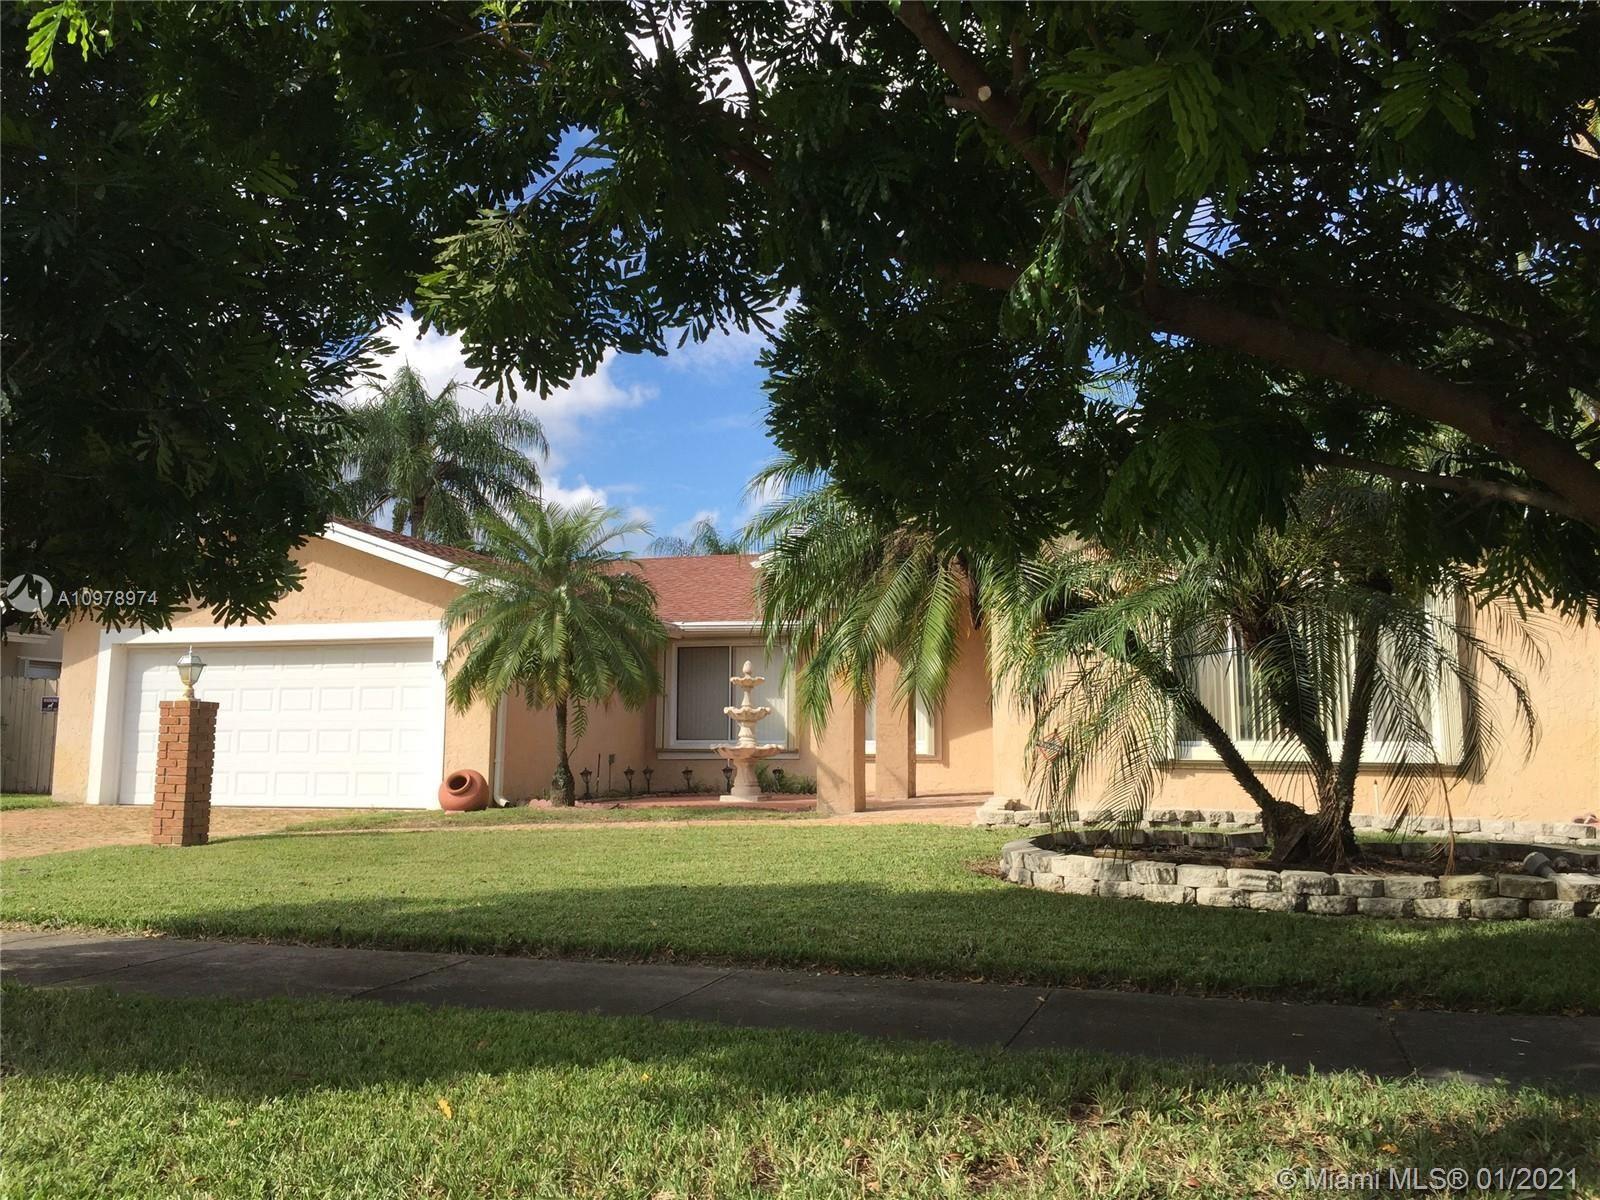 13311 SW 101st St, Miami, FL 33186 - #: A10978974